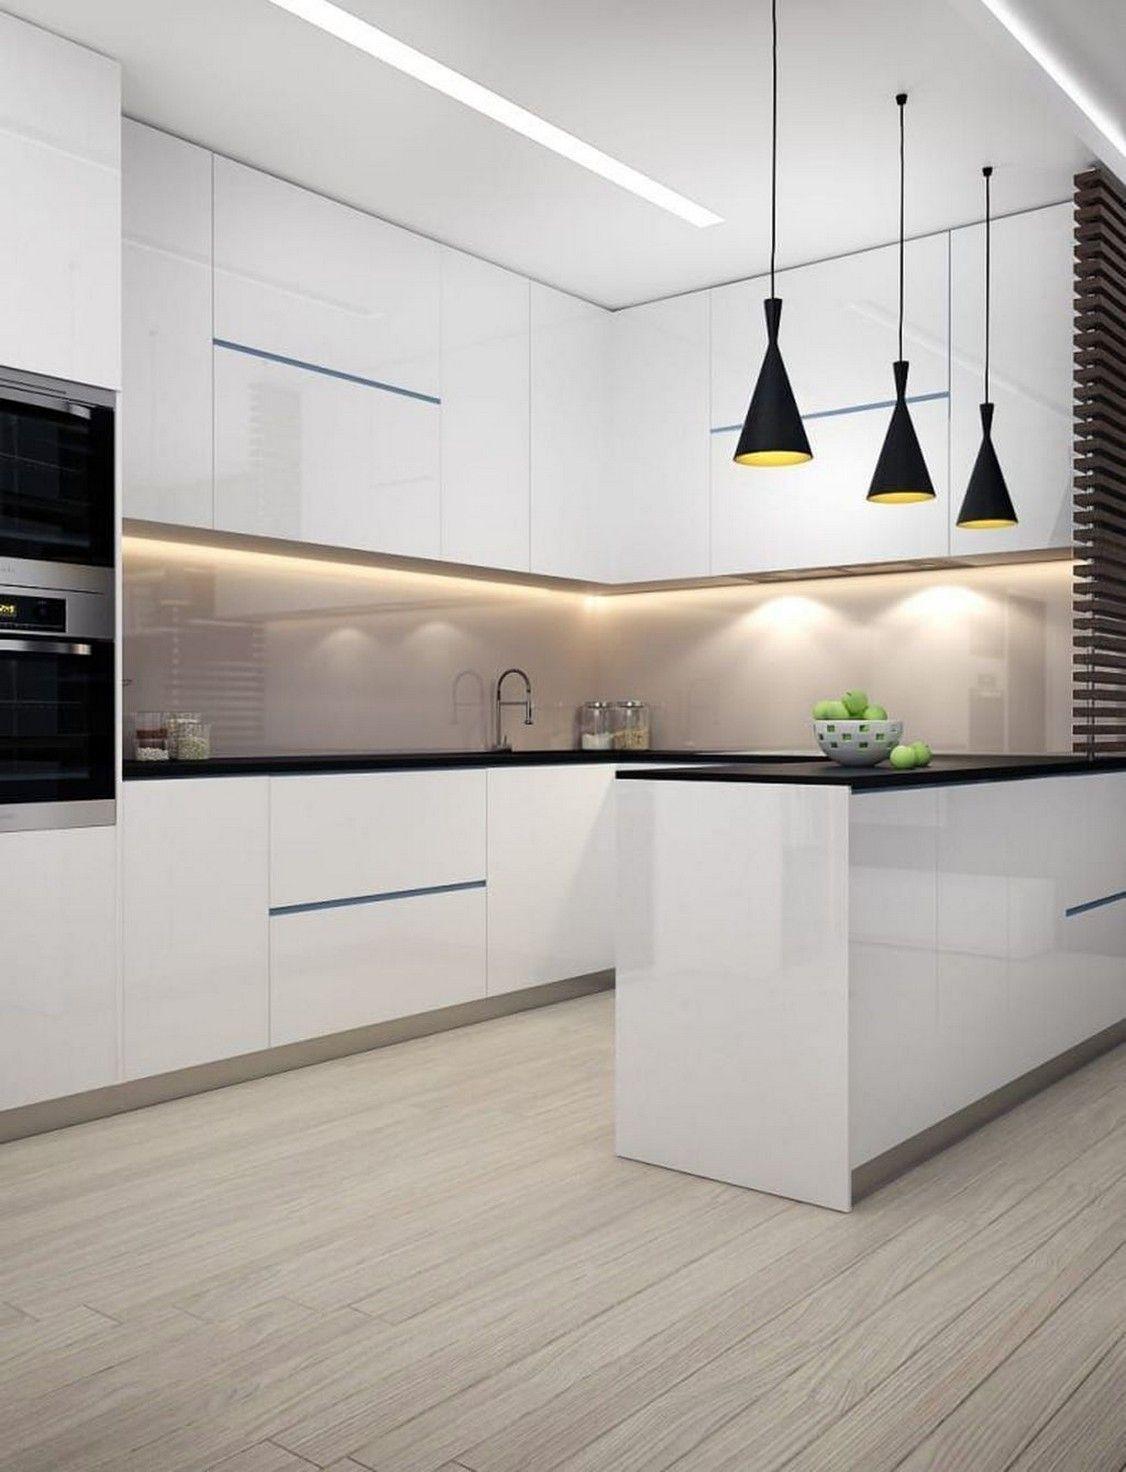 86 Modern Kitchen Ideas For Modern Kitchens Home Decor 14 In 2020 Modern Kitchen Design Luxury Kitchen Design Contemporary Kitchen Design